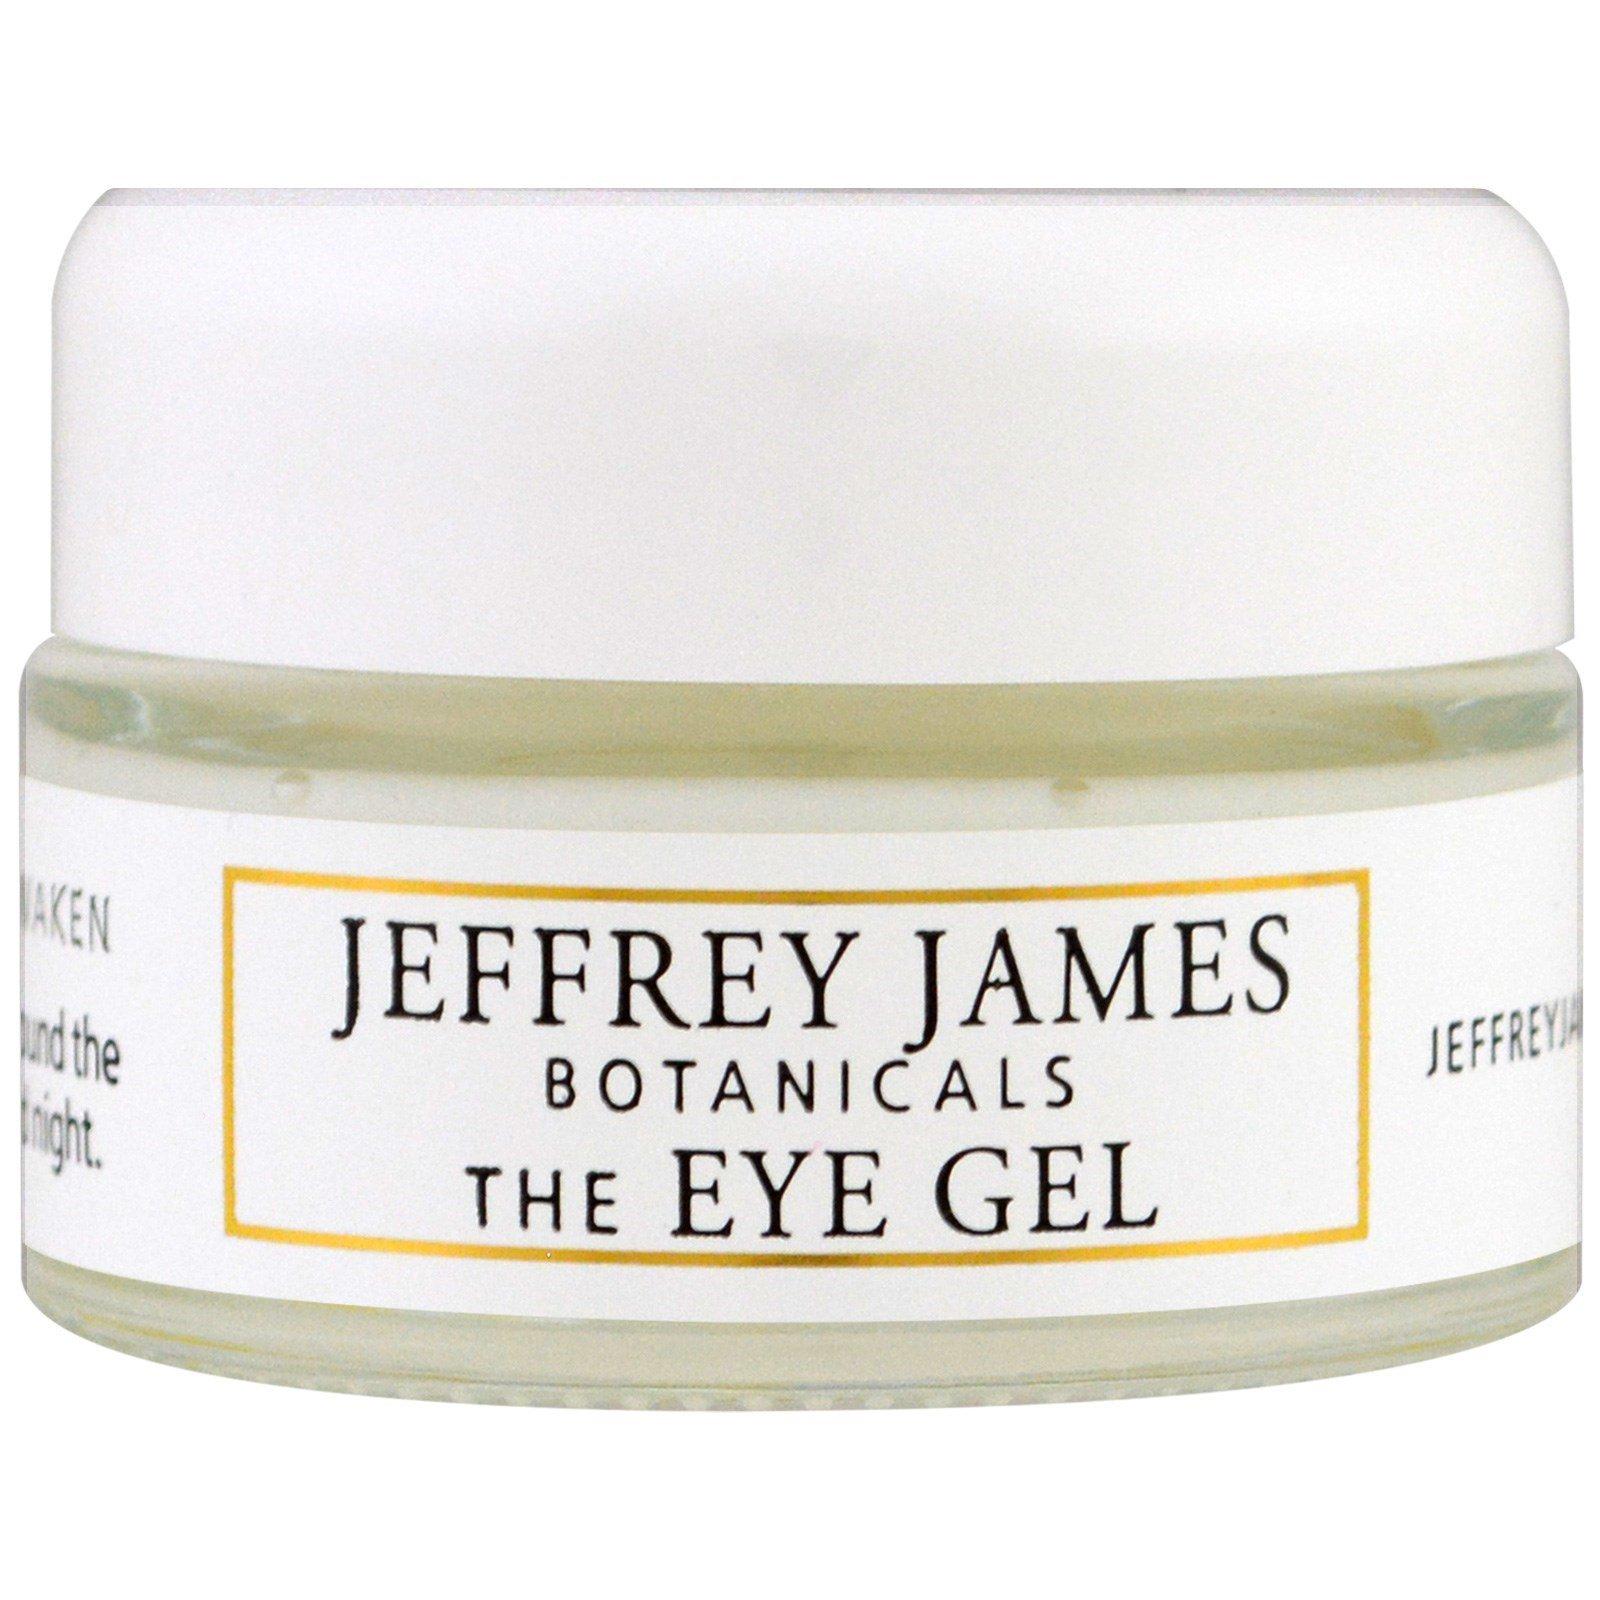 Jeffrey James Botanicals, Гель для кожи вокруг глаз, Успокаивает, обновляет, пробуждает, 0,5 унции (15 мл)